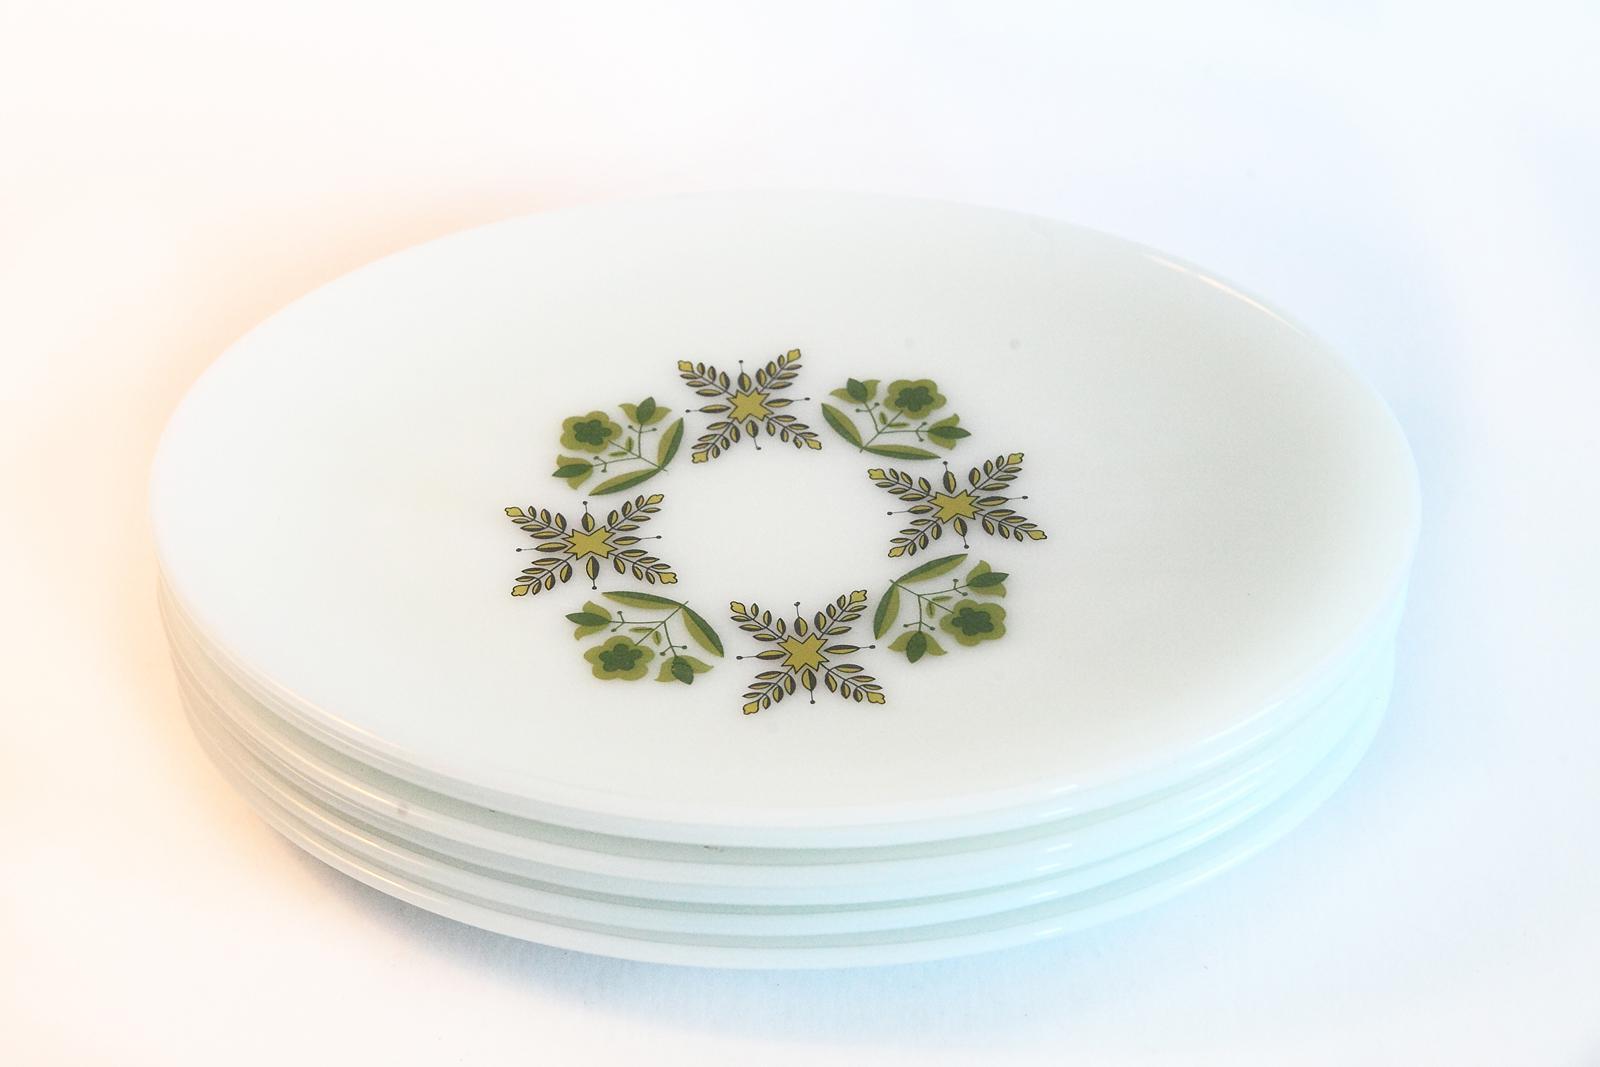 White Milk Glass Oval Dinner Plates - Set of 6 - Image 6 of 6  sc 1 st  Chairish & White Milk Glass Oval Dinner Plates - Set of 6 | Chairish